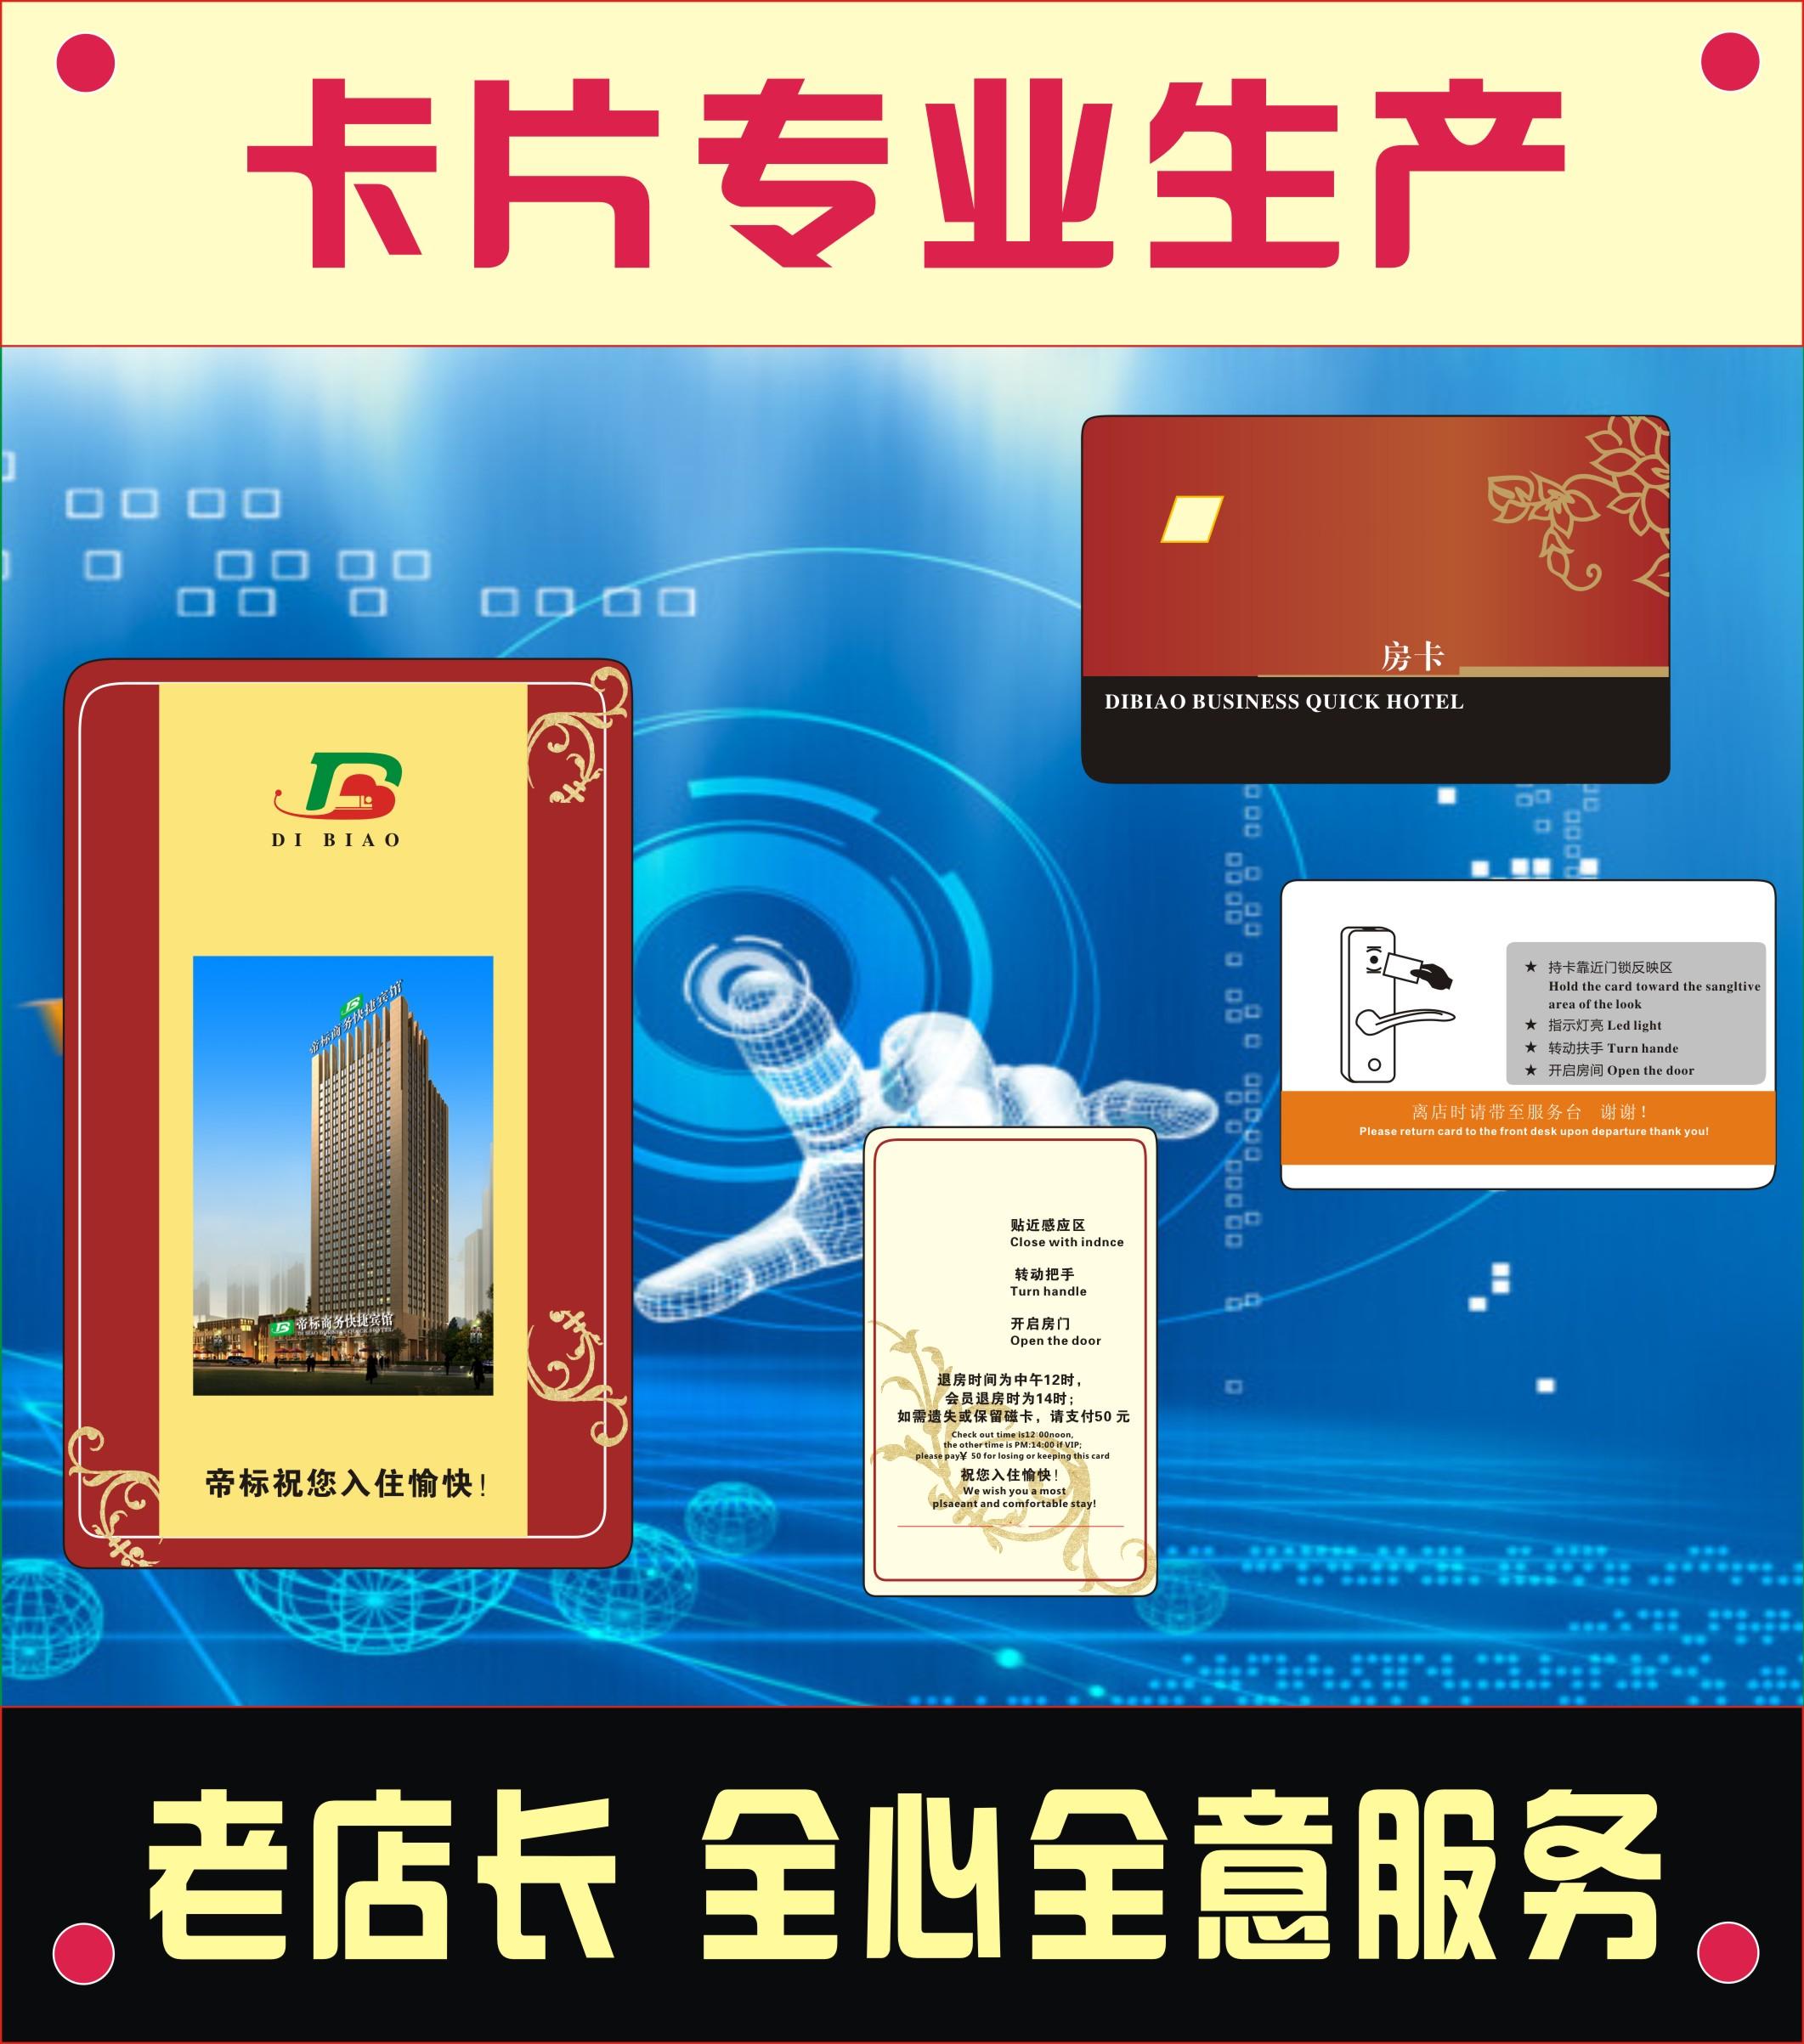 麦登RF门锁系统注册麦登RF门锁系统房卡麦登RF门锁系统授权